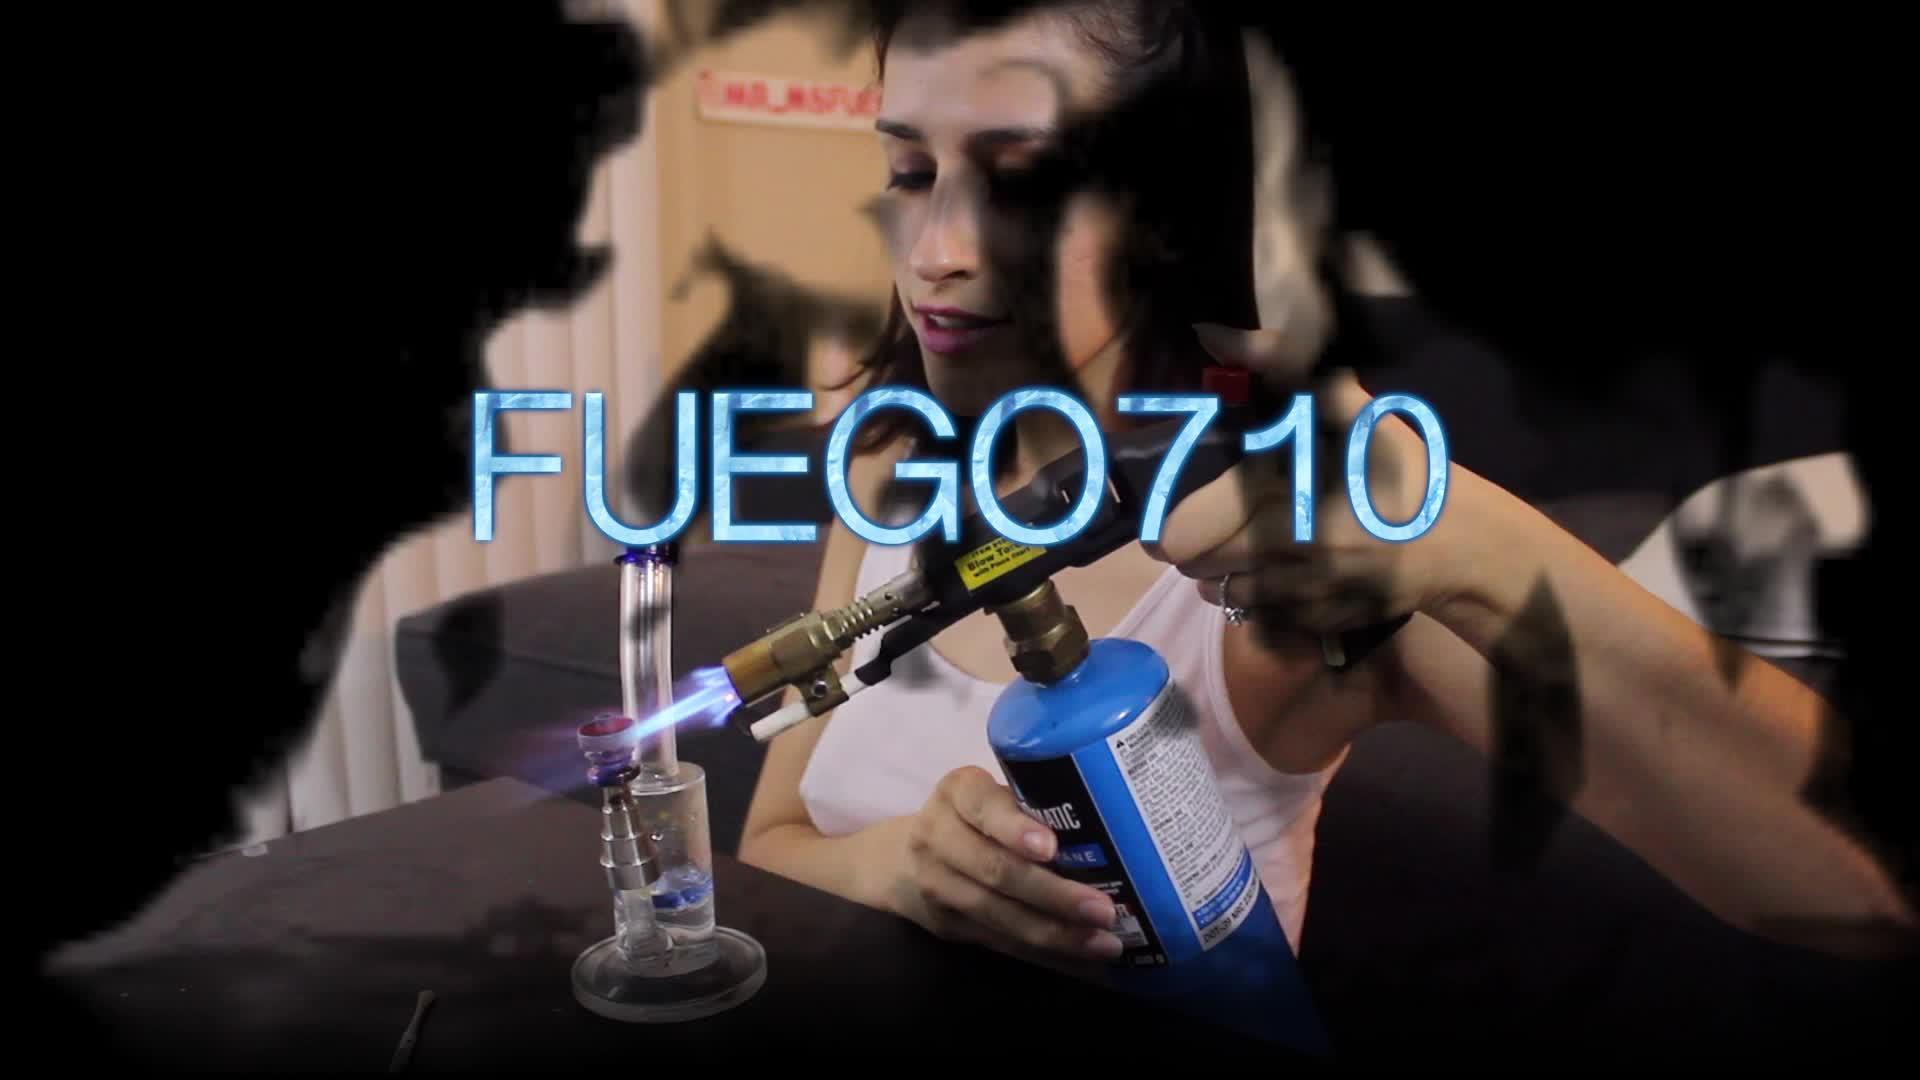 Fuego710'd vid